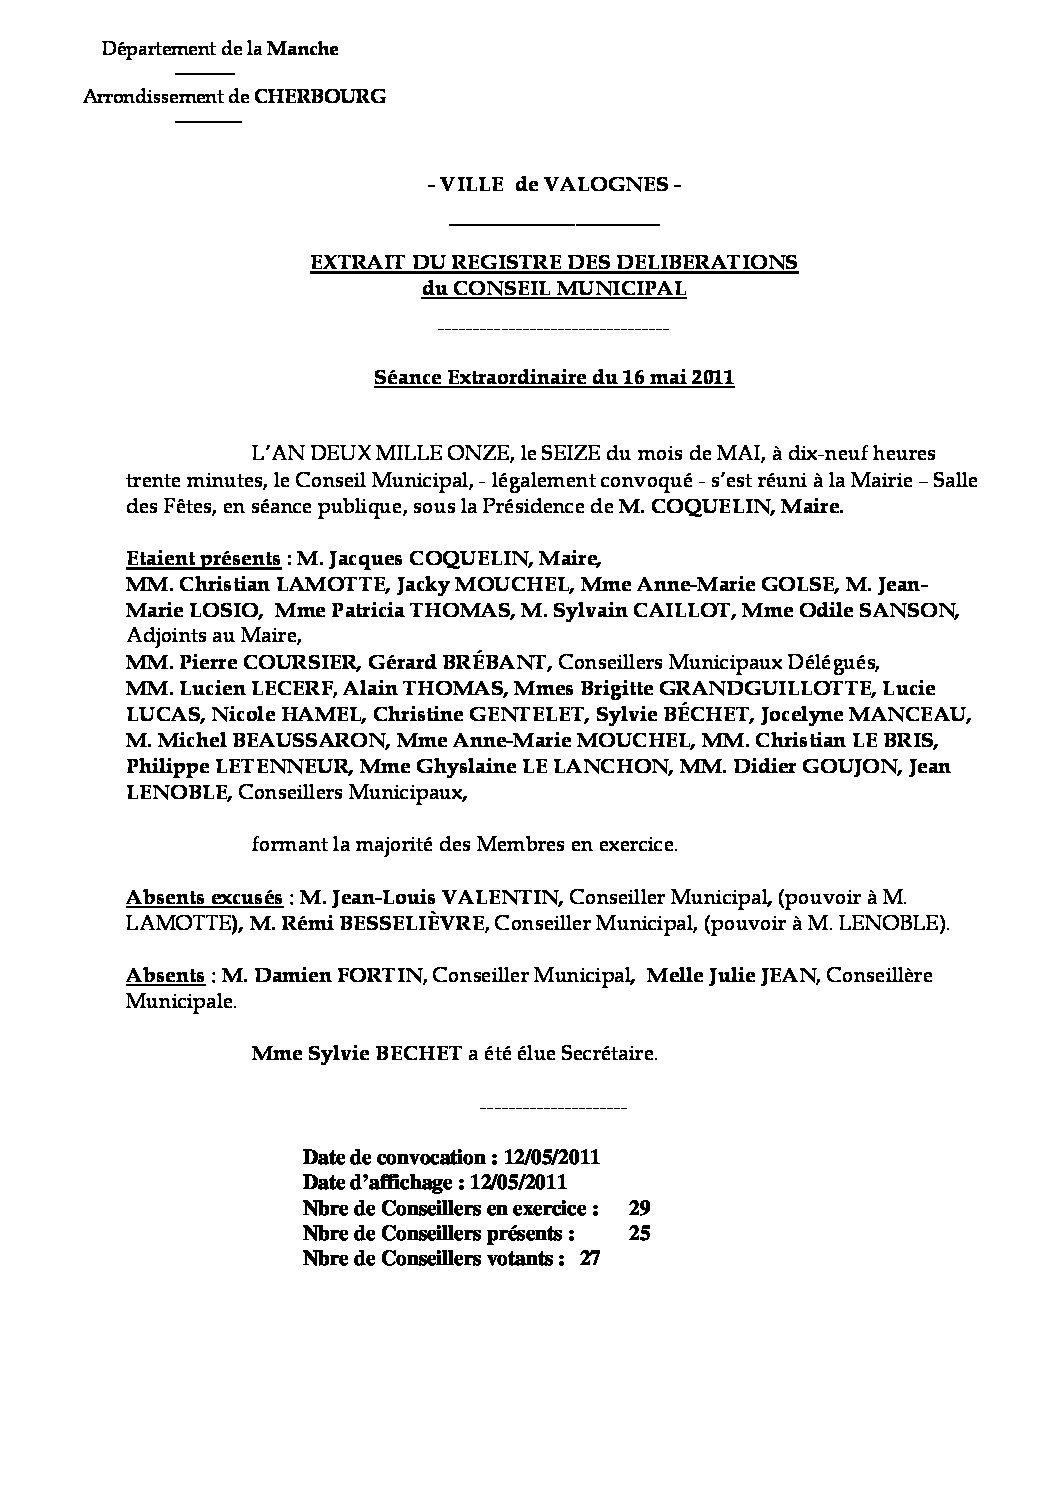 Extrait du registre des délibérations du 16-05-2011 - Extrait du compte rendu de la réunion extraordinaire du Conseil Municipal du lundi 16 mai 2011.